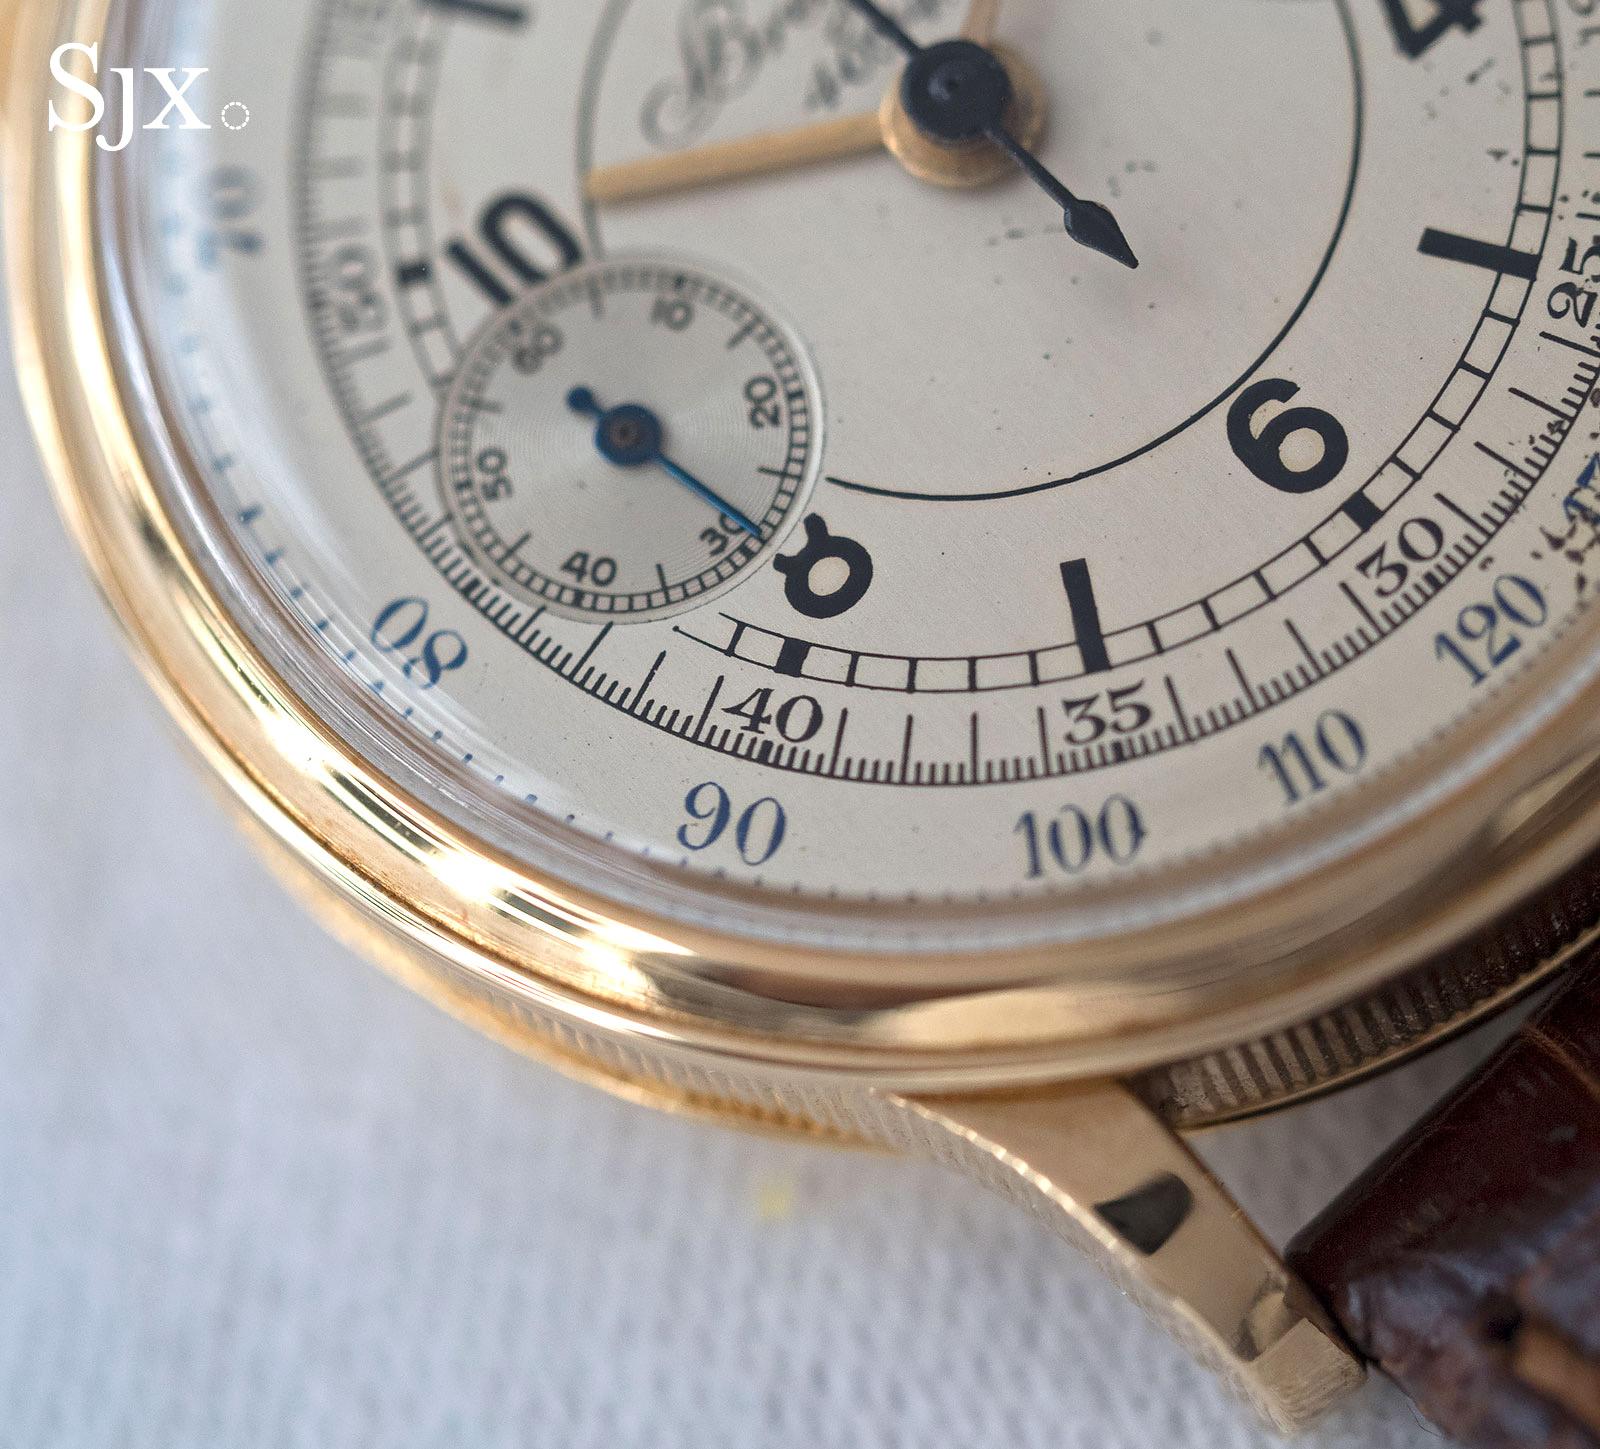 Breguet chronograph sector dial 5